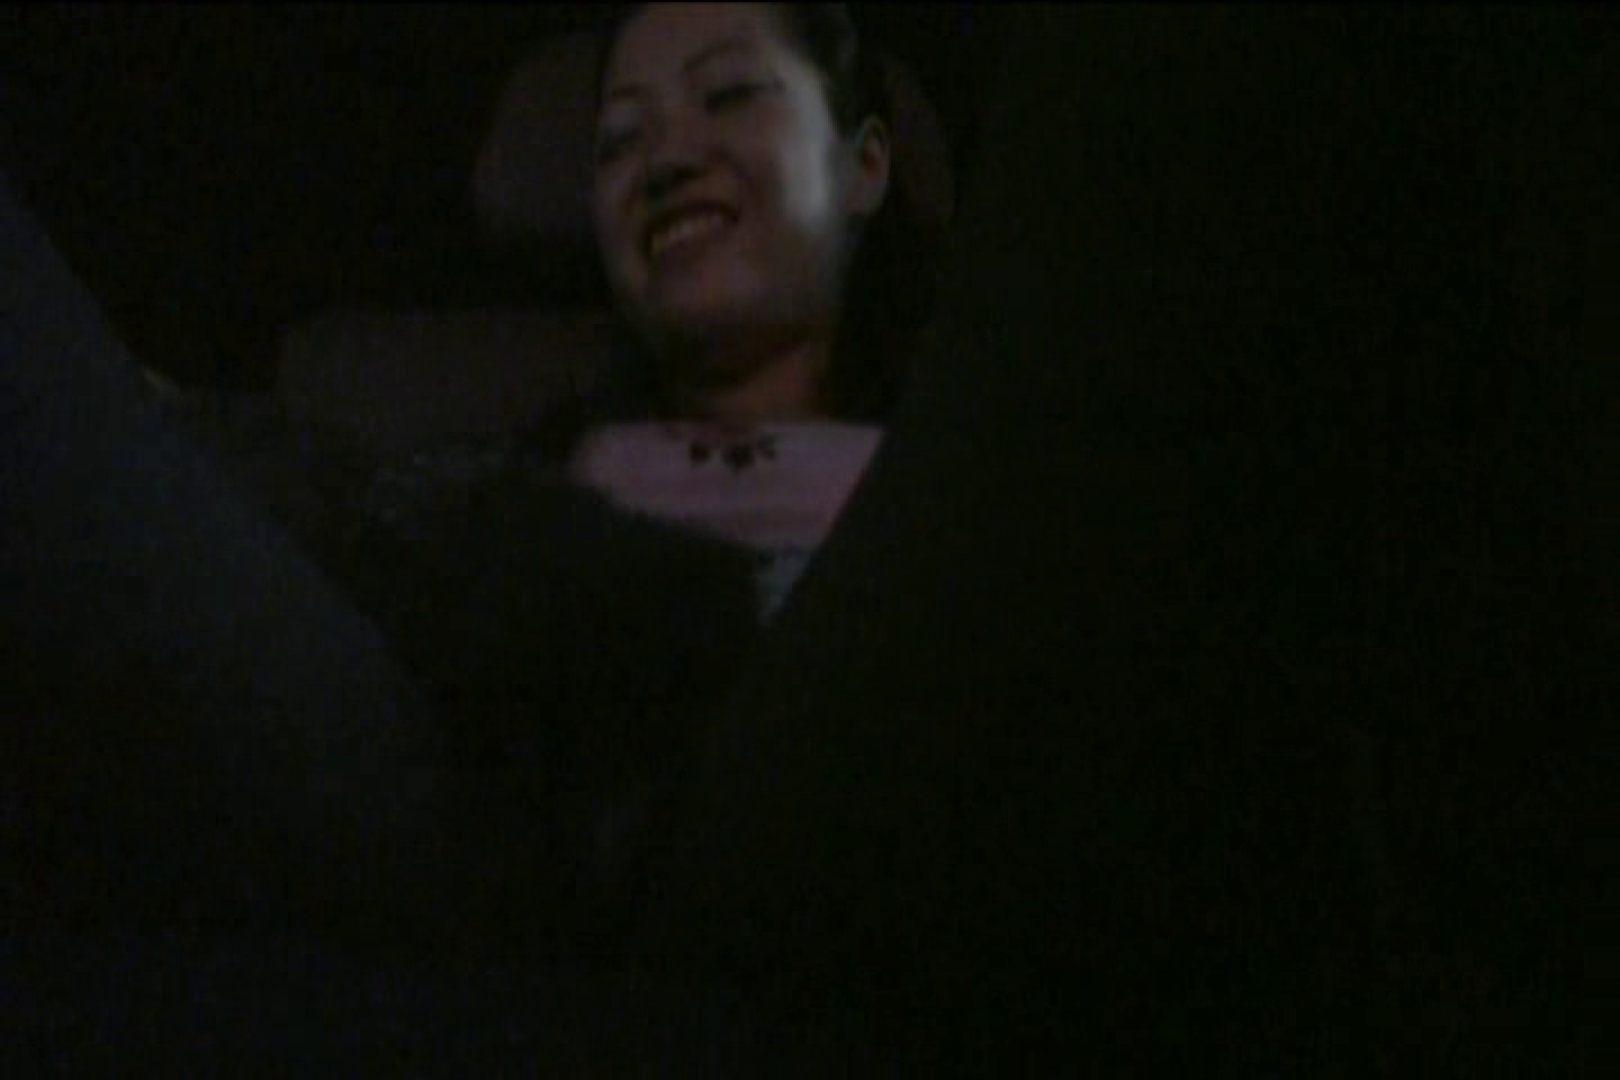 車内で初めまして! vol01 ハプニング   盗撮  68pic 53